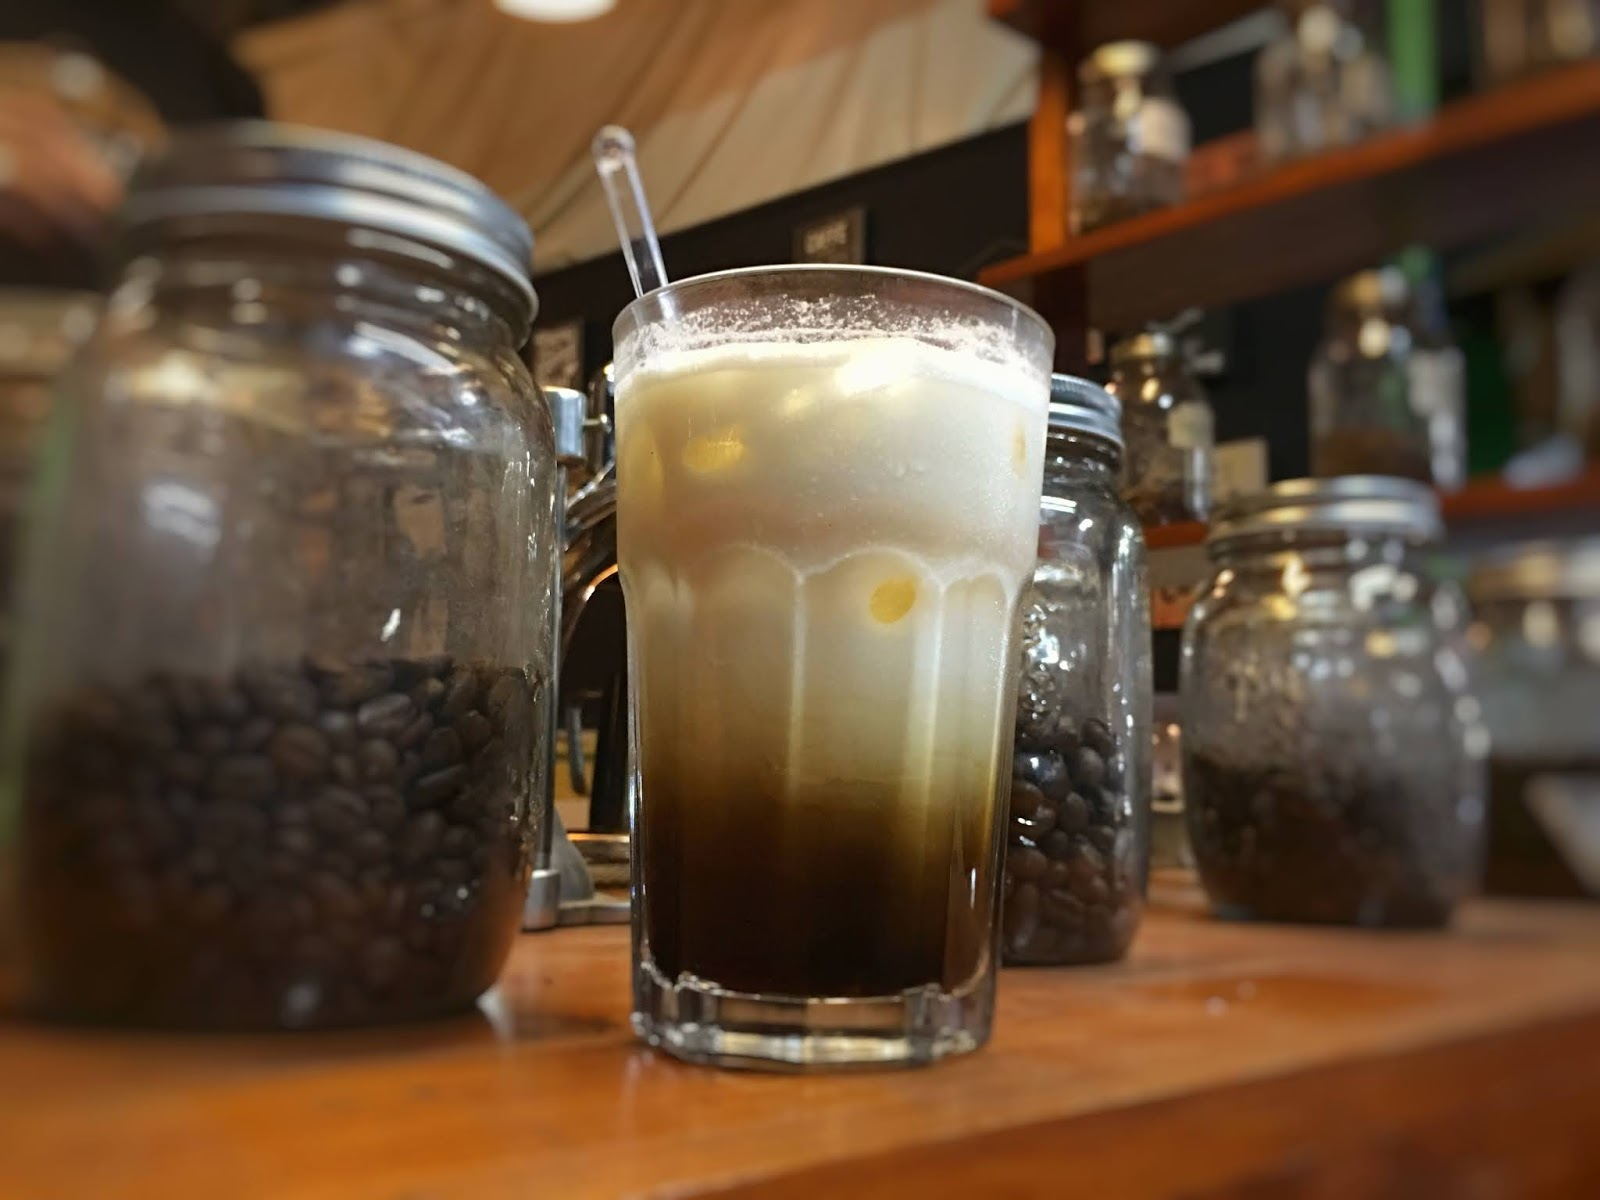 6 πολύ σημαντικά οφέλη του κρύου καφέ